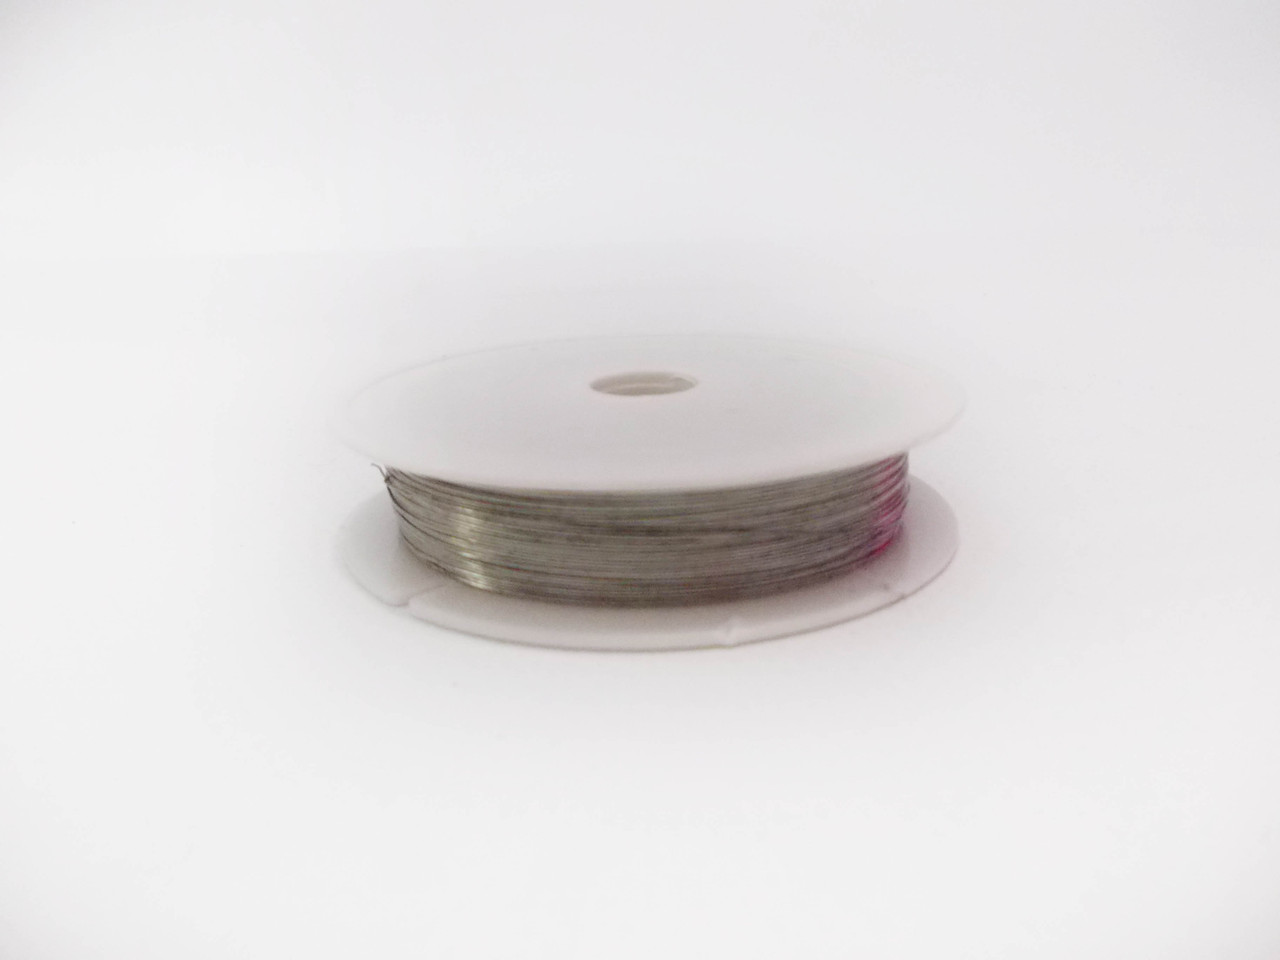 Декоративная проволока 0,3 мм Серебро флористическая - Grand Studio Group в Киеве